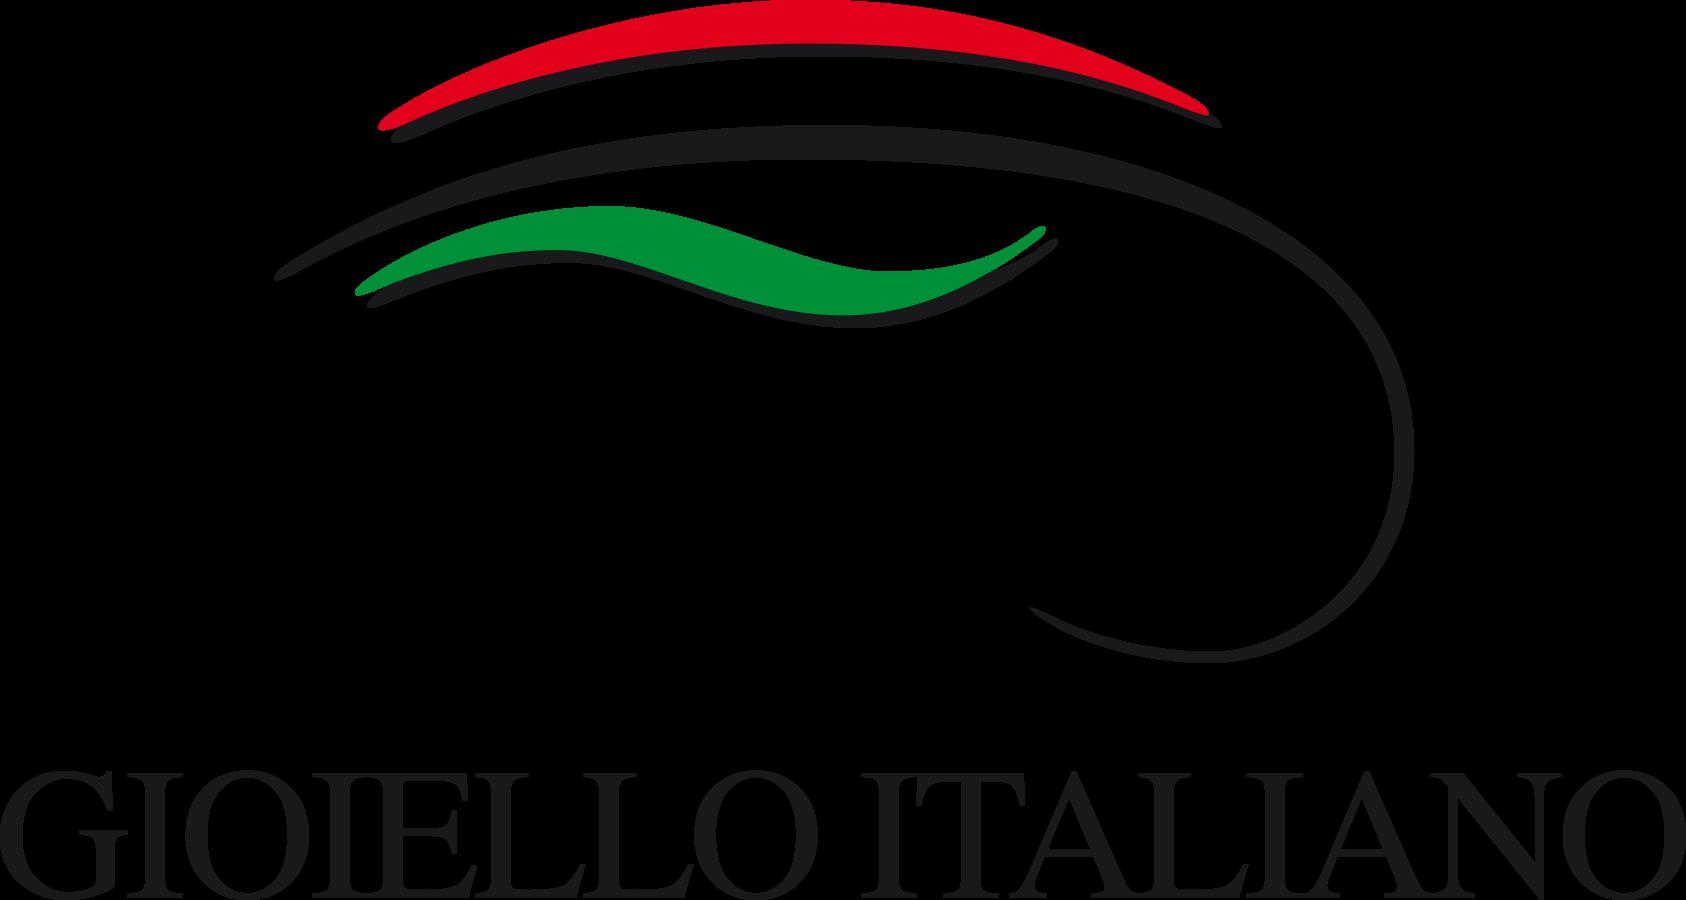 Gioiello Italiano - shop online - gioielli made in italy